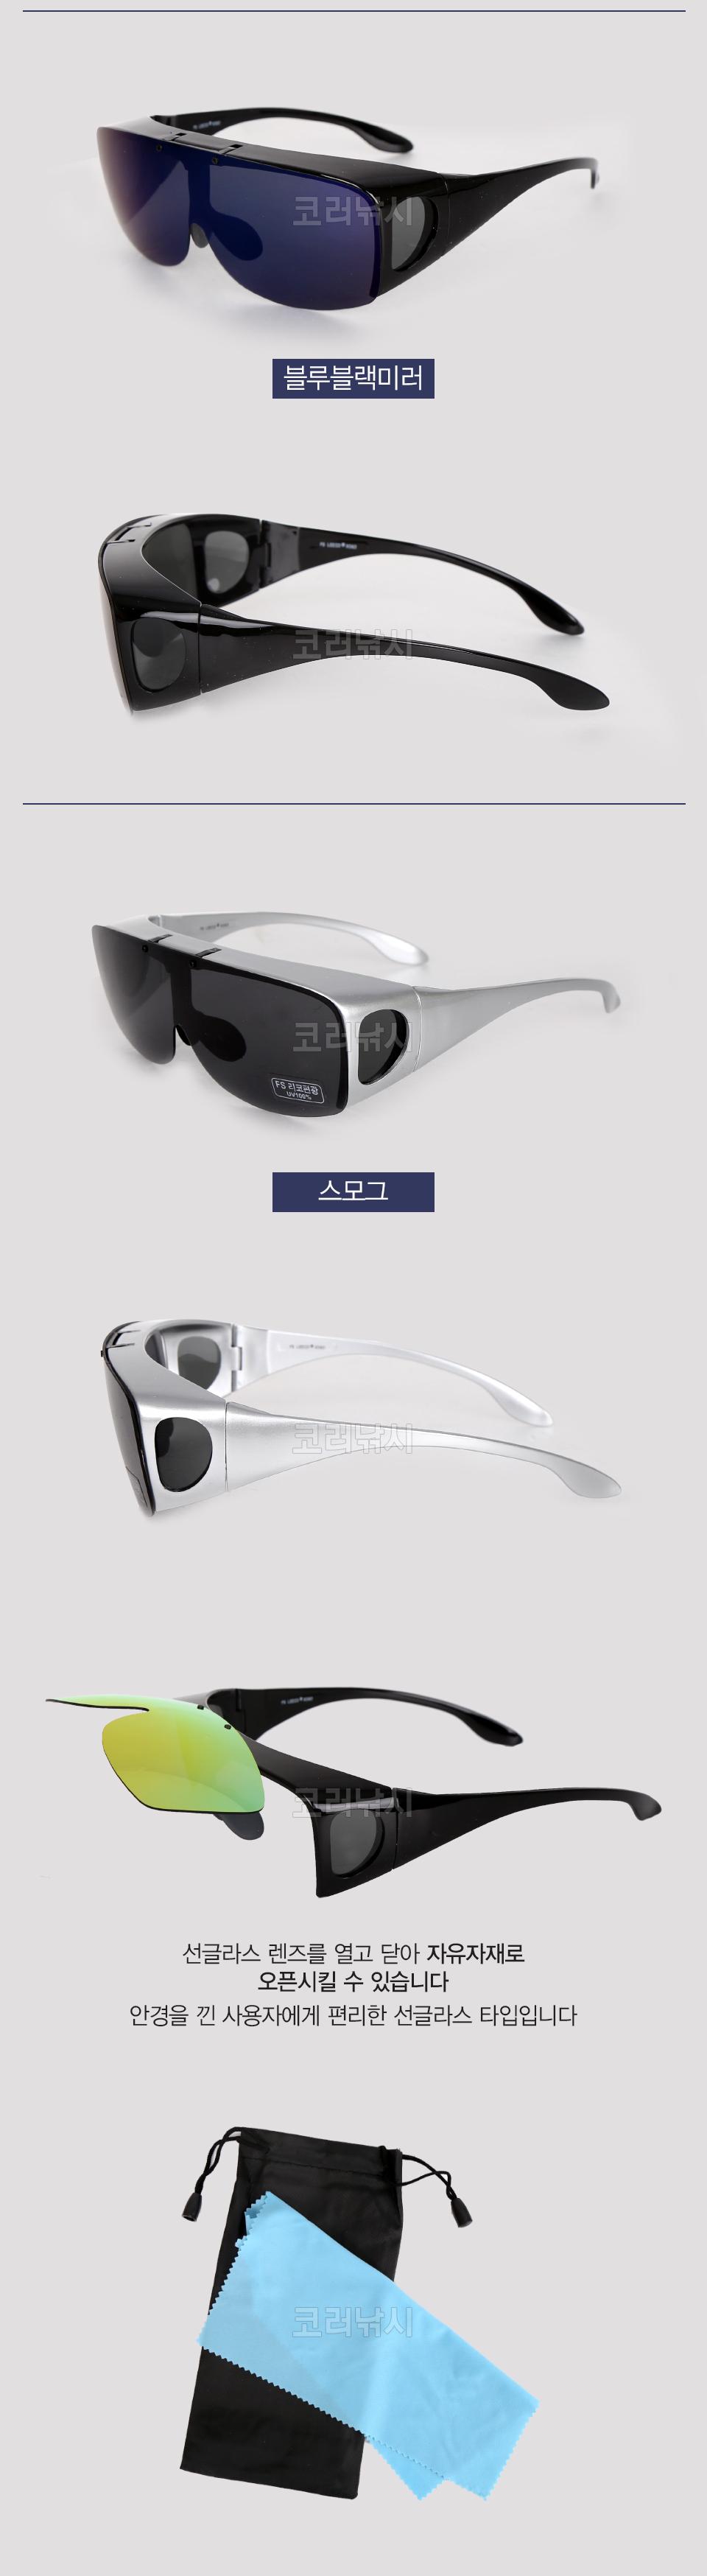 리코 오버글라스 편광선글라스 (X060) 오버선글라스 안경위에썬글라스